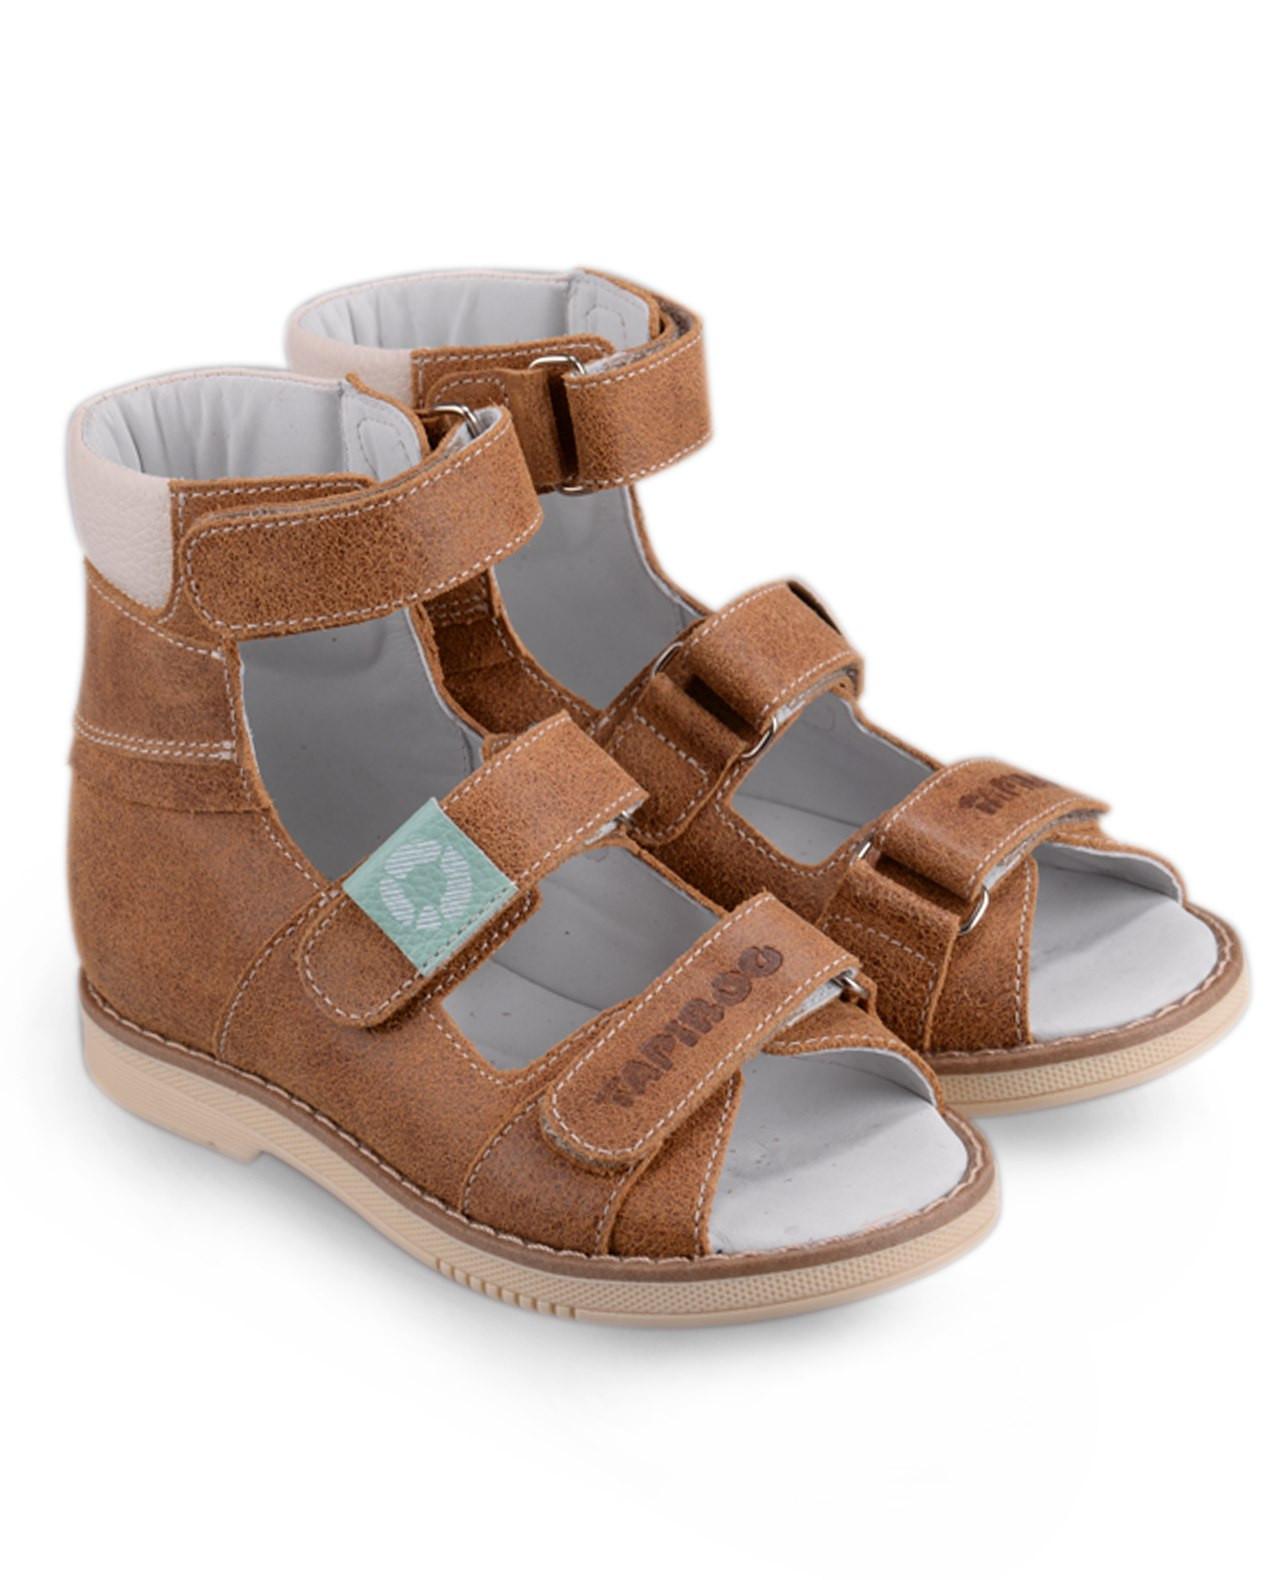 Сандалии Детские, Tapiboo Бук (44089, 30 )Сандалии<br>Эти ортопедические сандалии разработаны <br>для коррекции стоп при вальгусной деформации, <br>а также для профилактики плоскостопия. <br>Применение данной модели рекомендовано <br>детям при наличии сформировавшихся деформаций. <br>При применении данной обуви рекомендуется <br>использование индивидуальных ортопедических <br>стелек по назначению врача-ортопеда. Жесткий <br>фиксирующий задник увеличенной высоты <br>и возможность регулировки полноты тремя <br>застежками «велкро» обеспечивают необходимую <br>фиксацию голеностопа в правильном положении. <br>Широкий, устойчивый каблук, специальной <br>конфигурации «каблук Томаса». Каблук продлен <br>с внутренней стороны до середины стопы, <br>предотвращает вращение (заваливание) стопы <br>вовнутрь (пронационный компонент деформации, <br>так называемая косолапость, или вальгусная <br>деформация). Подкладка из кожи теленка без <br>швов. Кожа теленка обладает повышенной <br>износостойкостью в сочетании с мягкостью <br>и отличной способностью пропускать воздух <br>для создания оптимального температурного <br>режима (нога не потеет). Отсутствие швов <br>на подкладк<br>Размер INT: M; Цвет: Красный; Ширина: 100; Высота: 200; Вес: 1000;